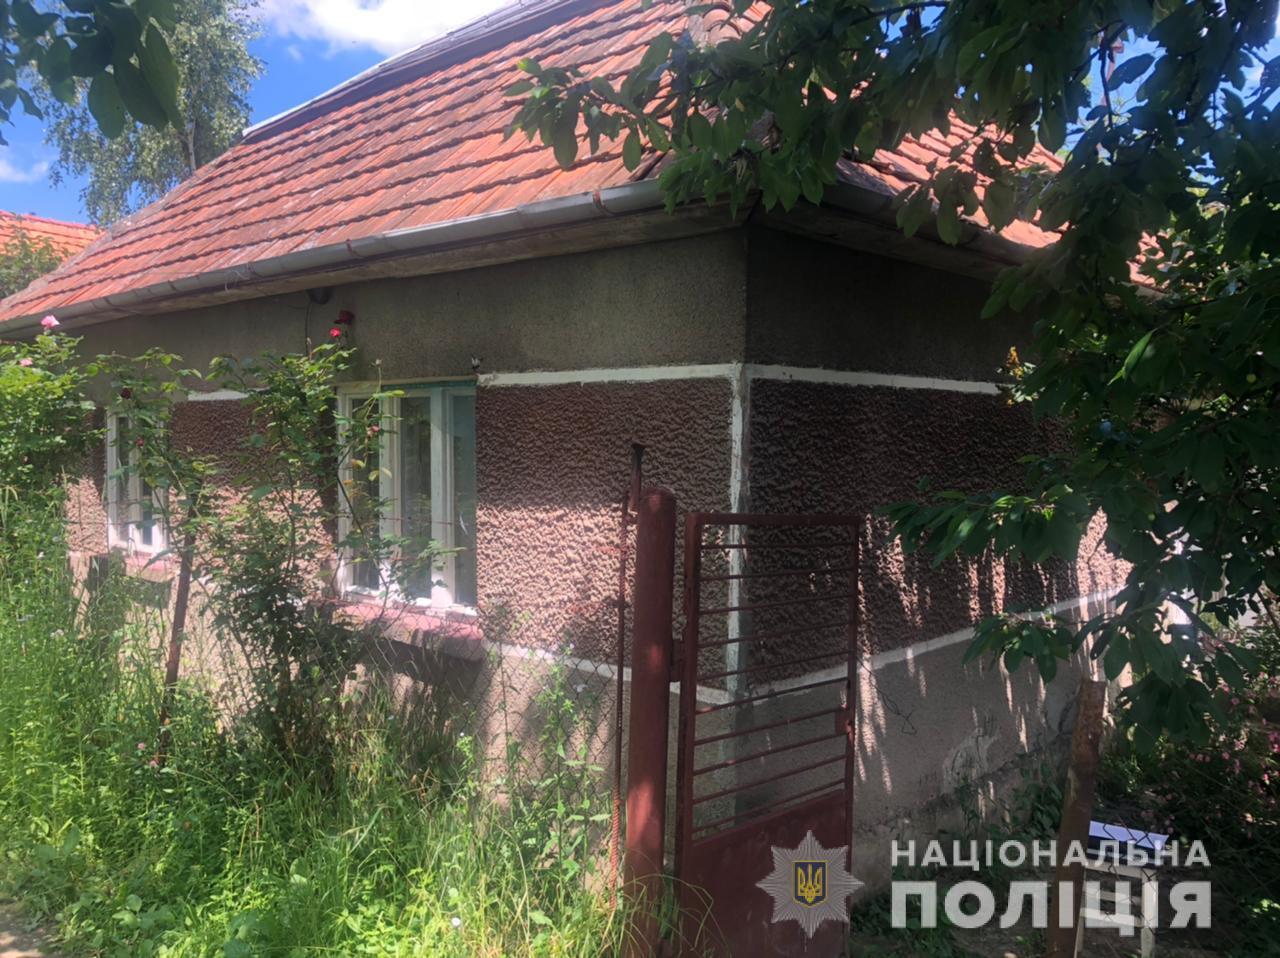 На Закарпатті поліцейські оперативно розкрили крадіжку майна з приватного будинку місцевого жителя (ФОТО)